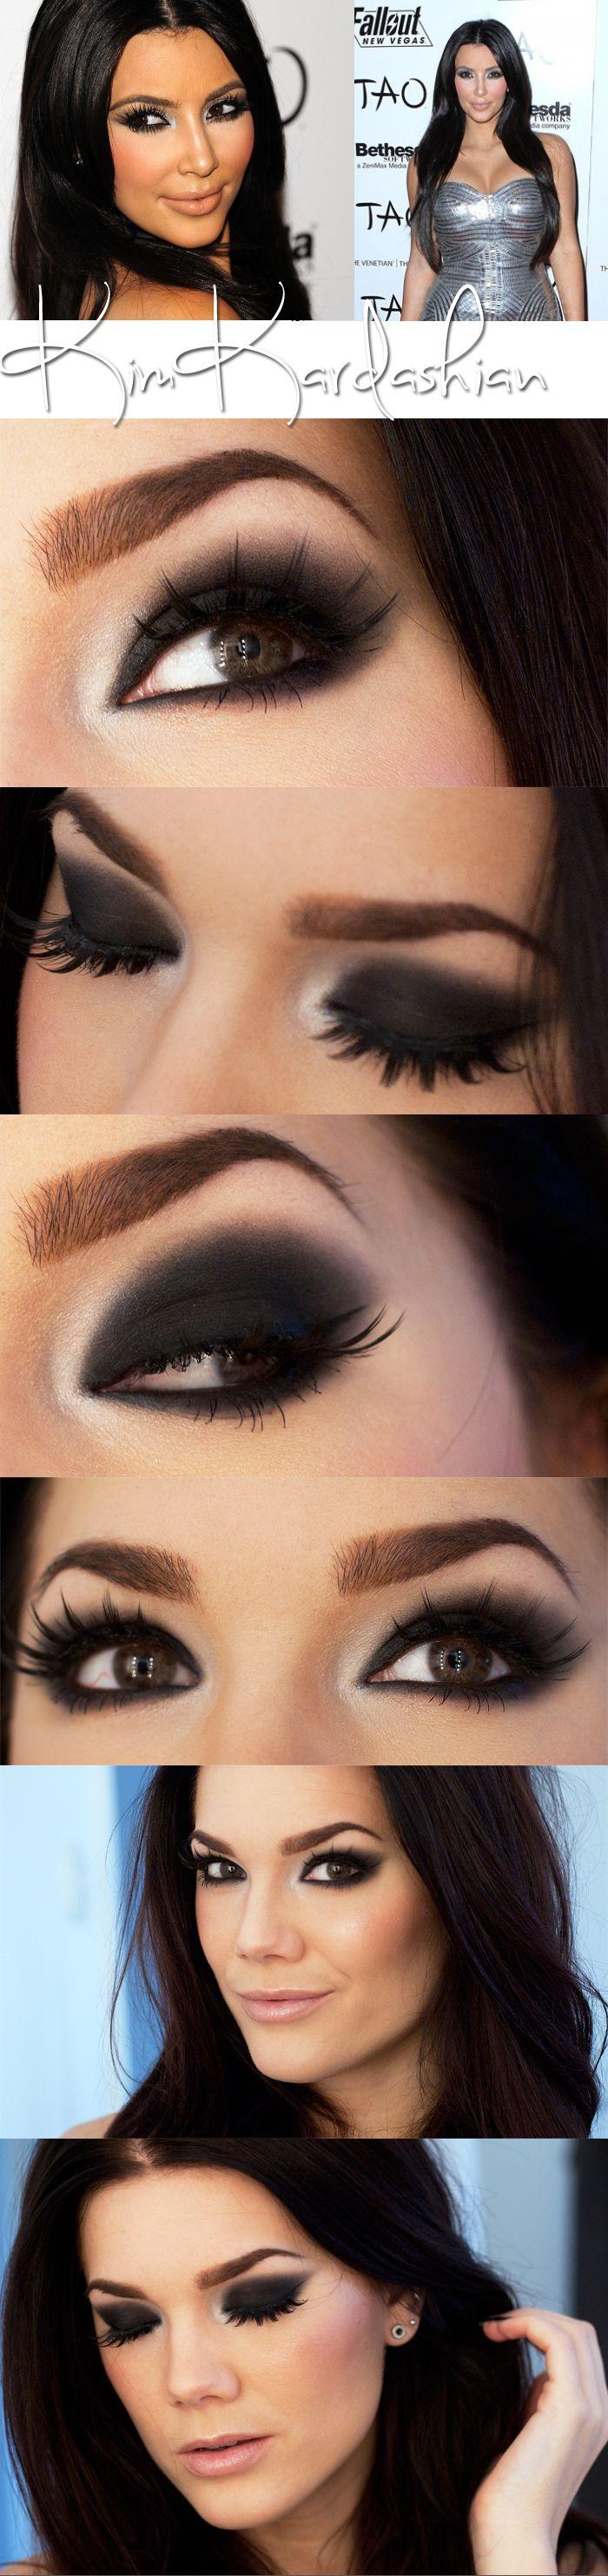 K kardashian Smokey eye | Makeup, Eye makeup, Skin makeup